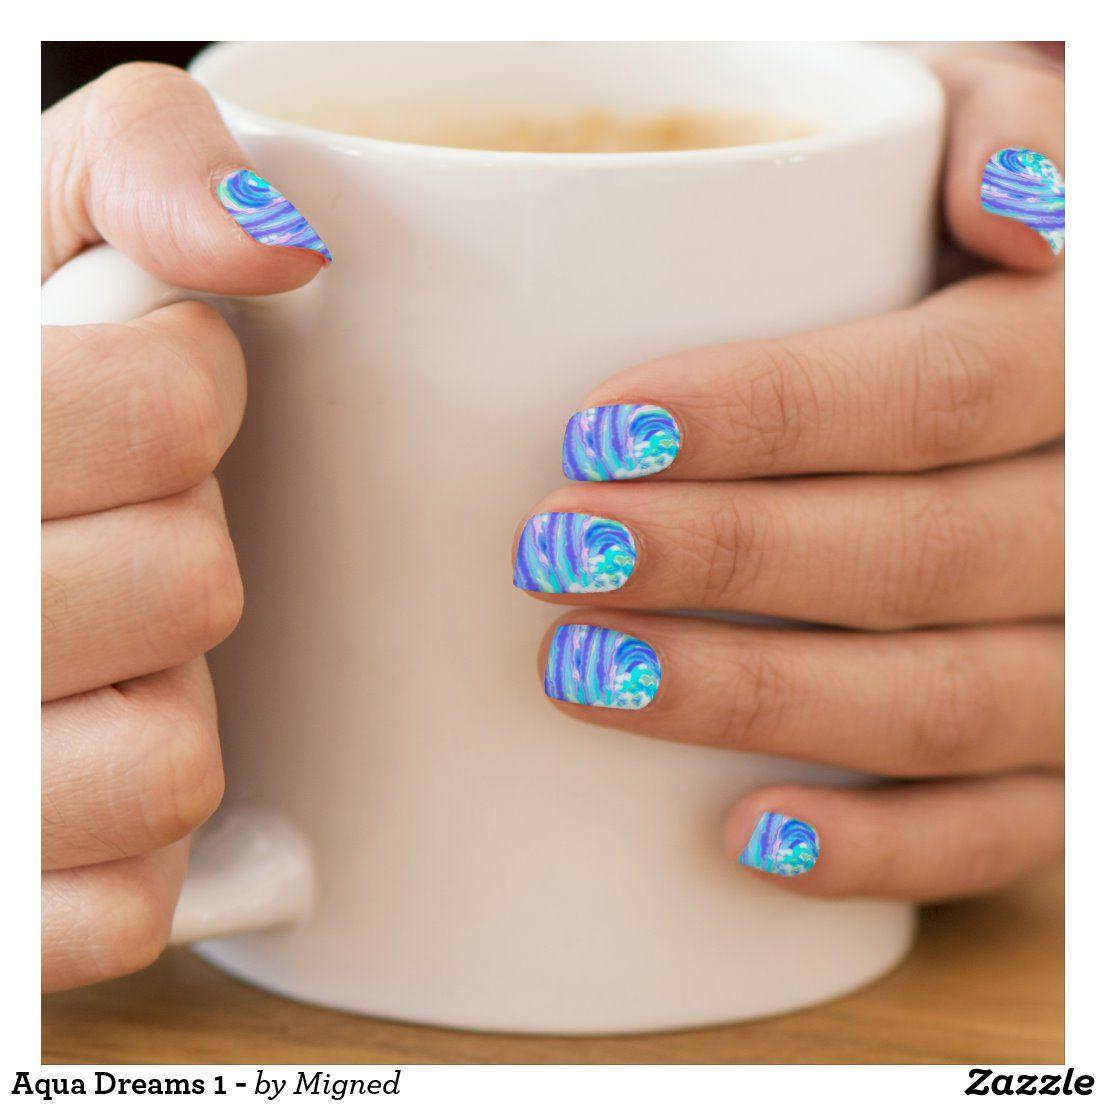 Aqua Dreams 1 - Minx Nail Art | Zazzle.com